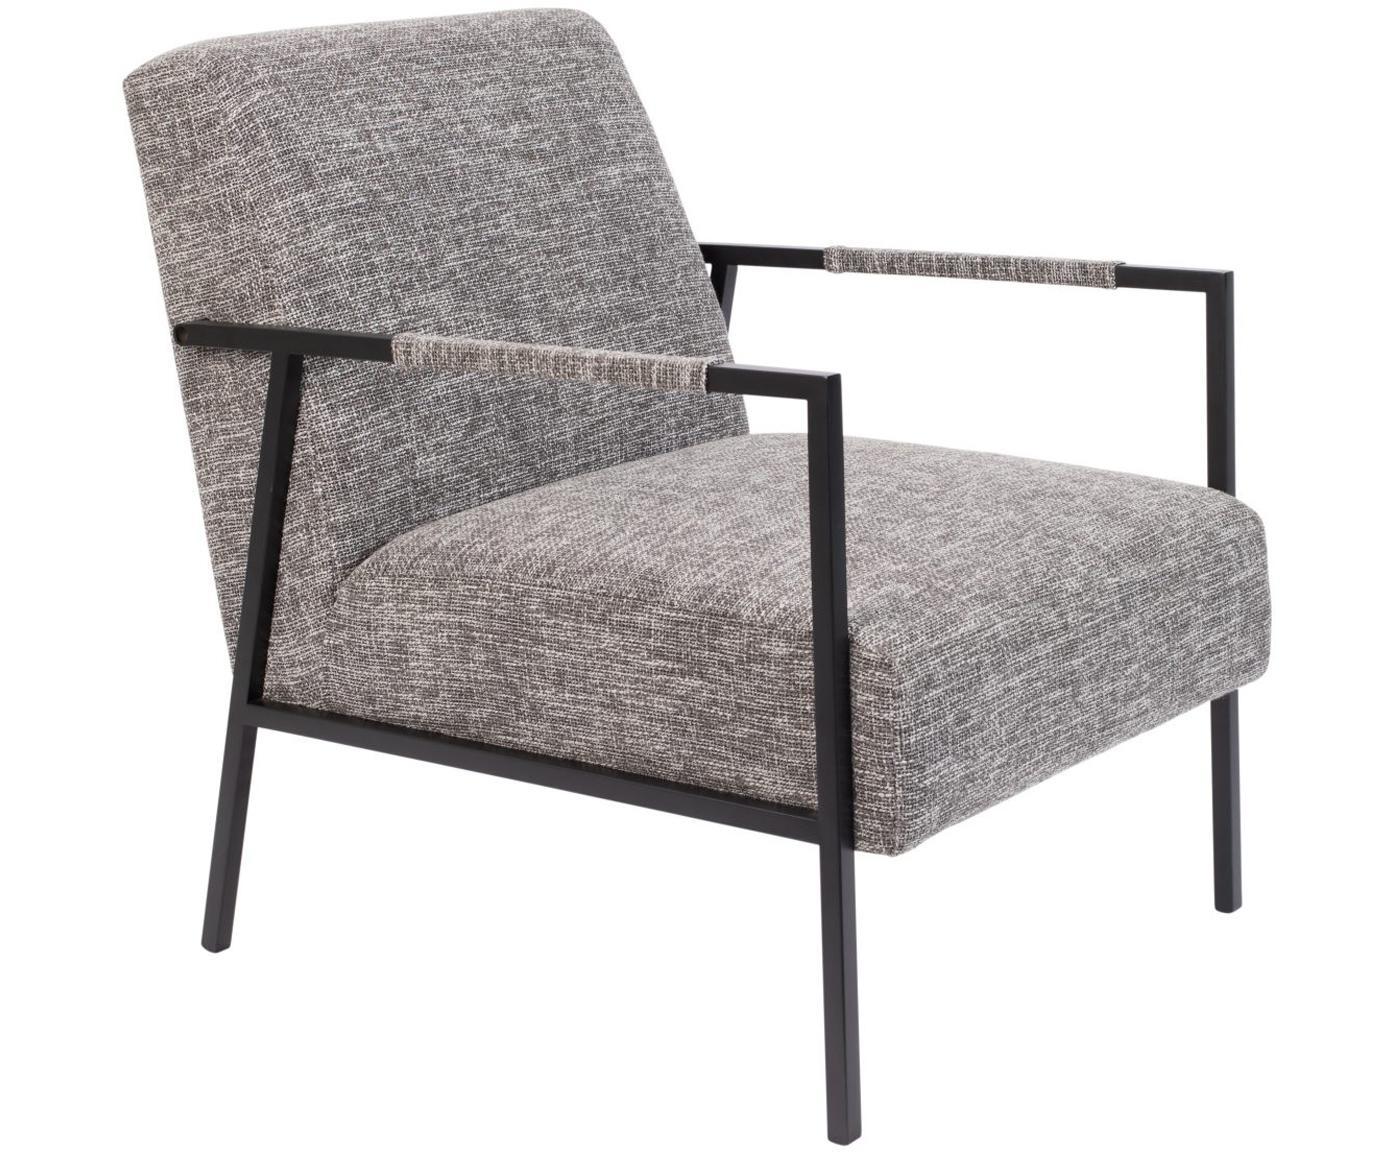 Loungesessel Wakasan in Grau, Bezug: Polyester 40.000 Scheuert, Gestell: Metall, pulverbeschichtet, Webstoff Grau, B 61 x T 81 cm